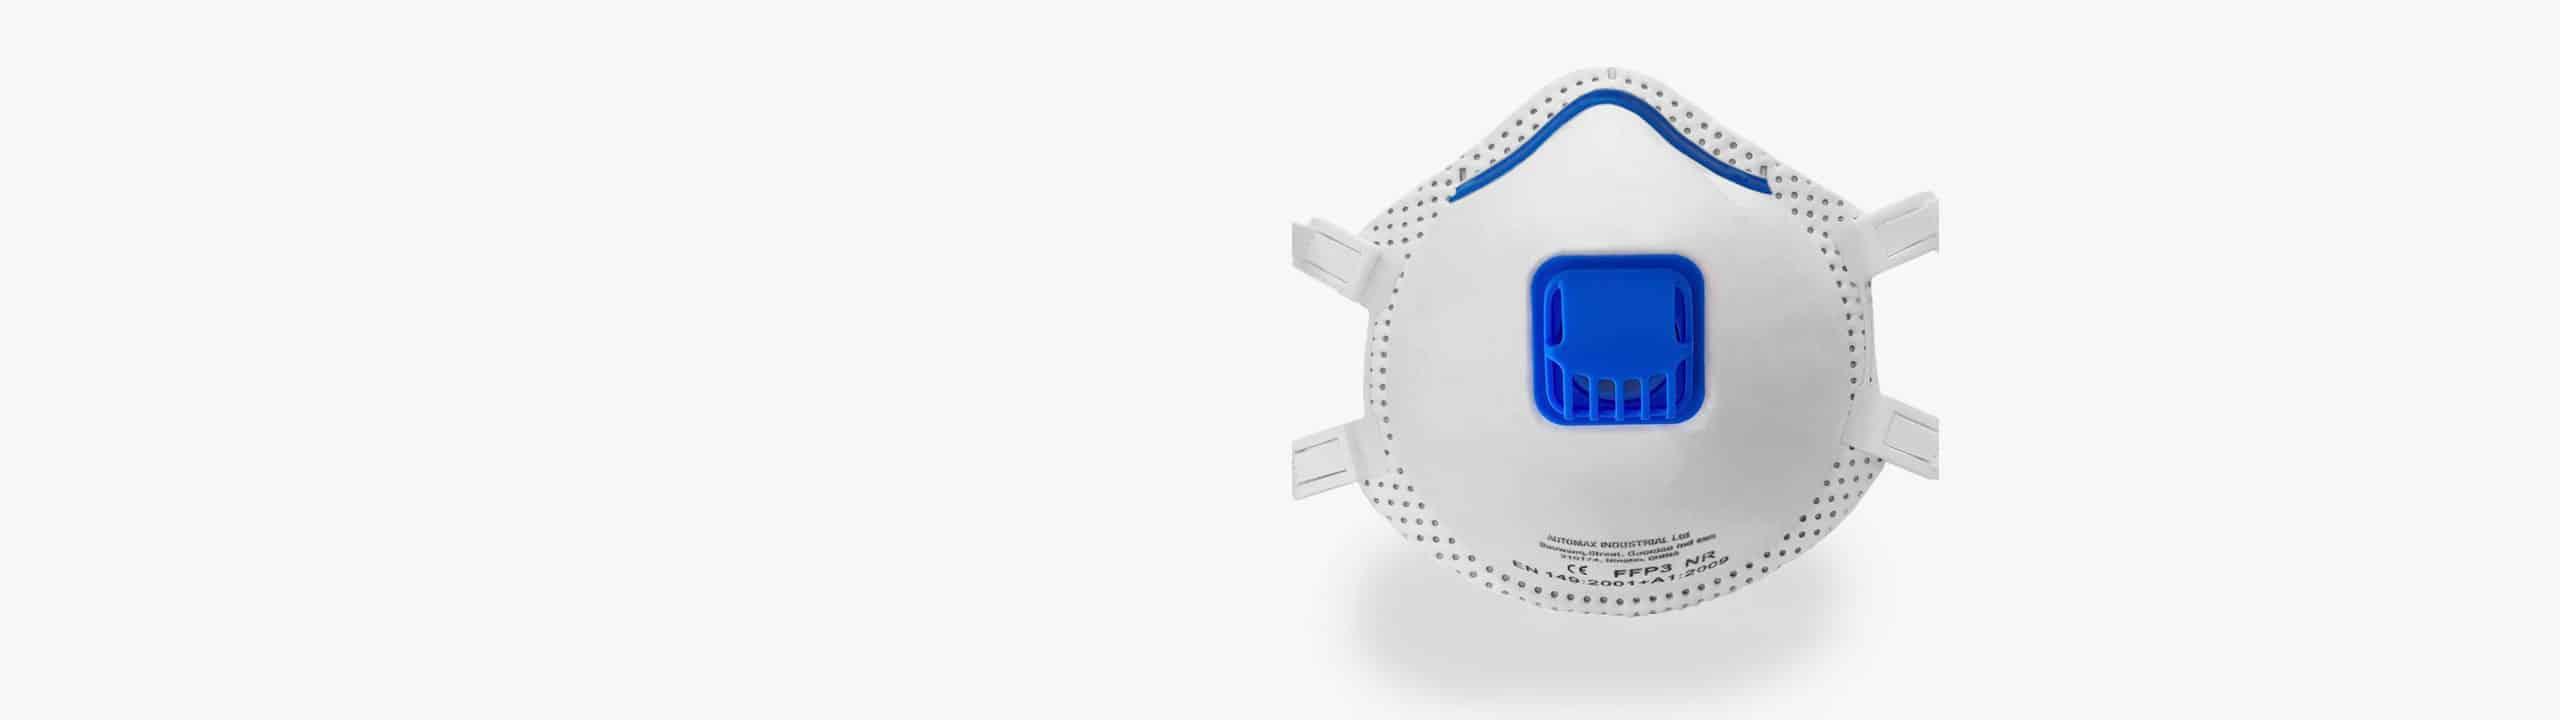 Slider-Standard-FFP3-Ventil-Mask-blau